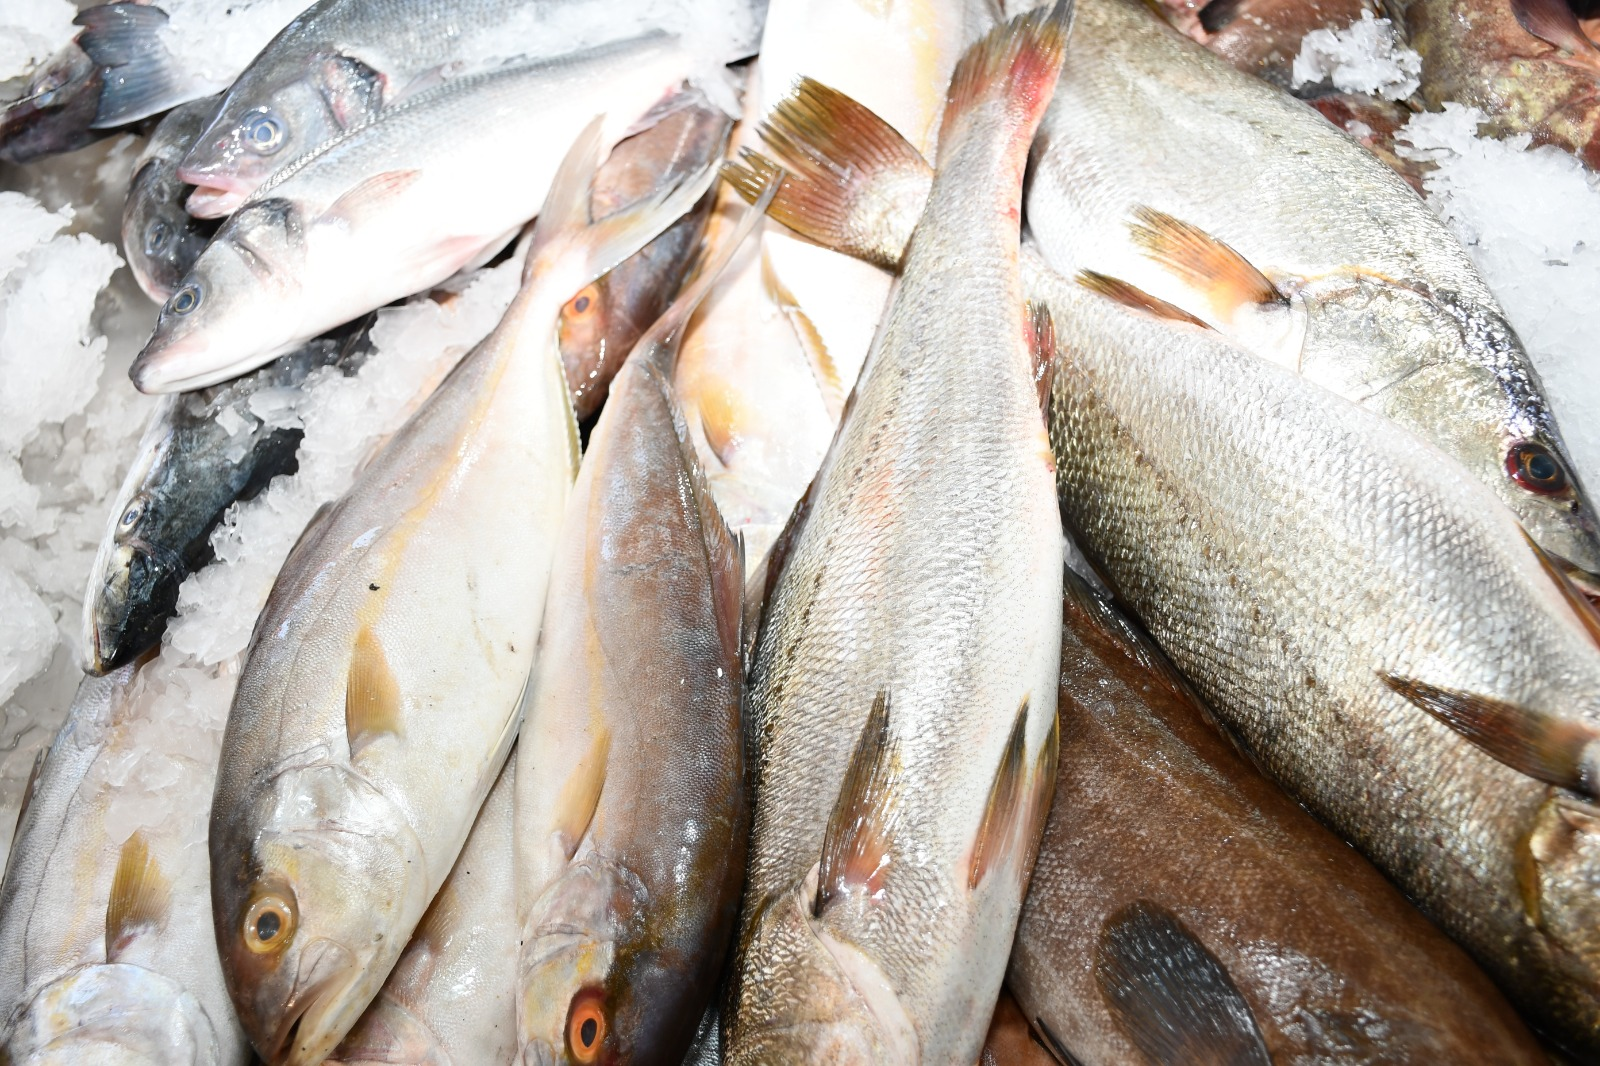 كل أنواع الأسماك الطازجة في مطعم ومسمكة fish & chips بإدارة زكريا زينب في ميناء يافا